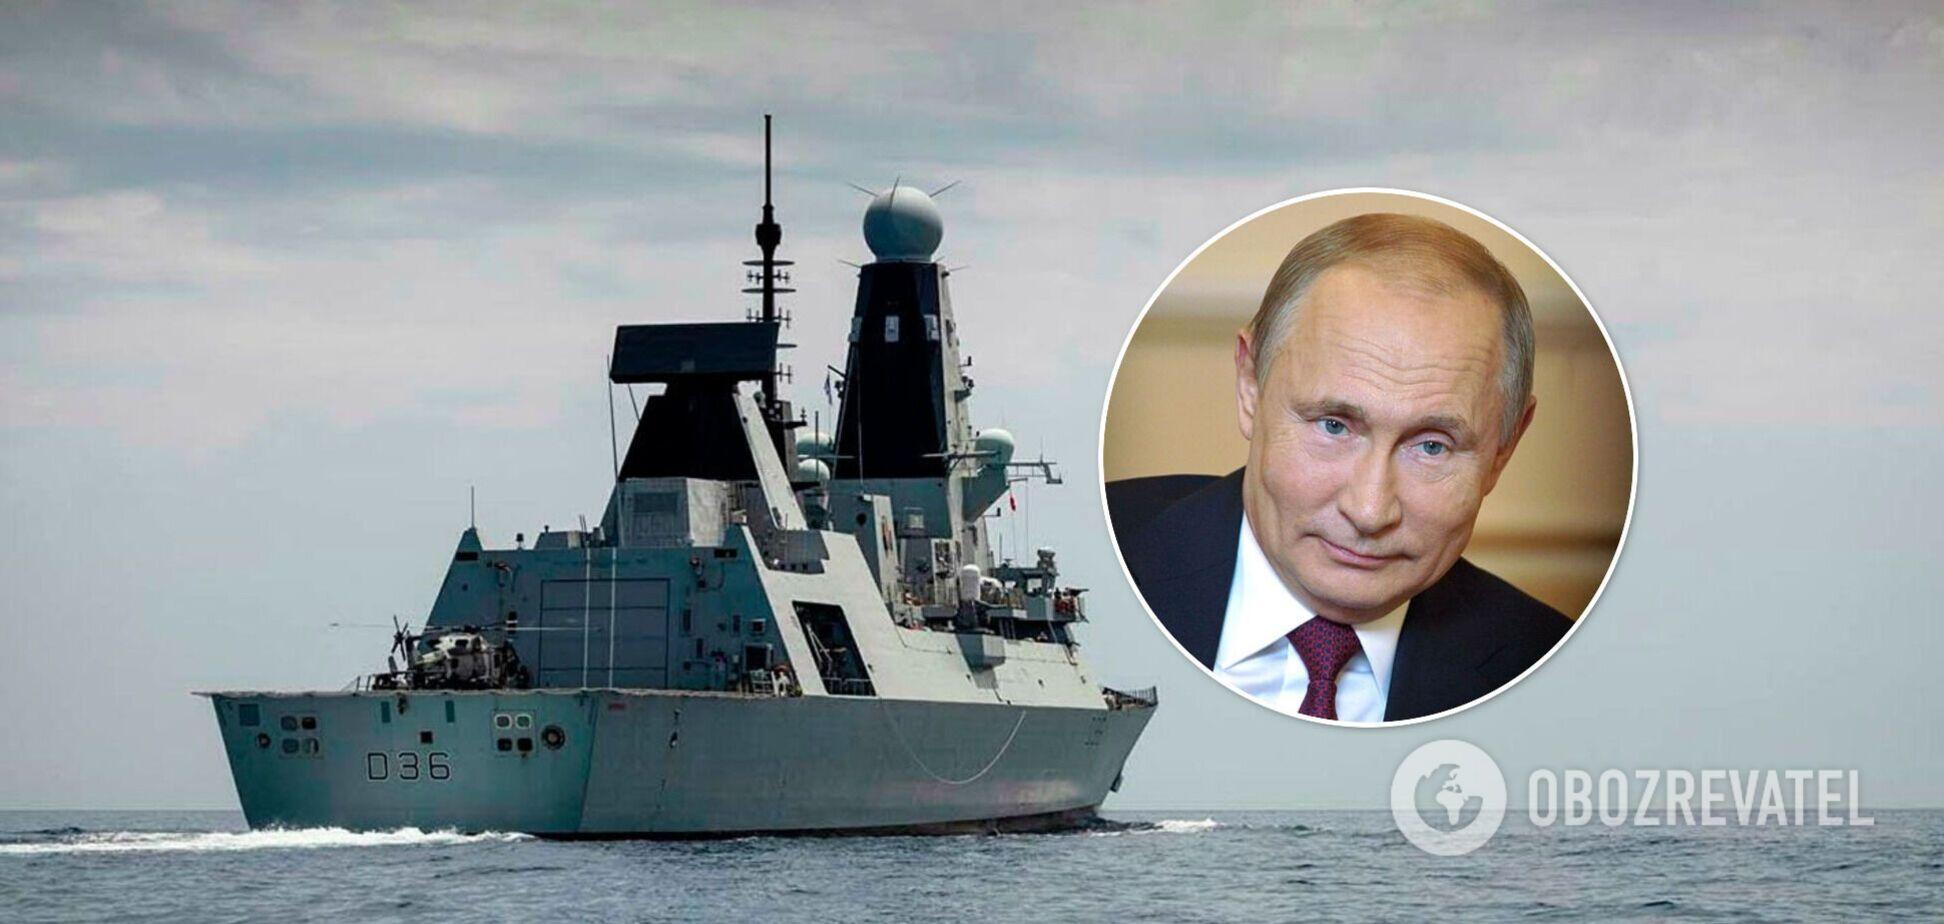 Путин: в провокации с Defender участвовали не только британцы, но и американцы